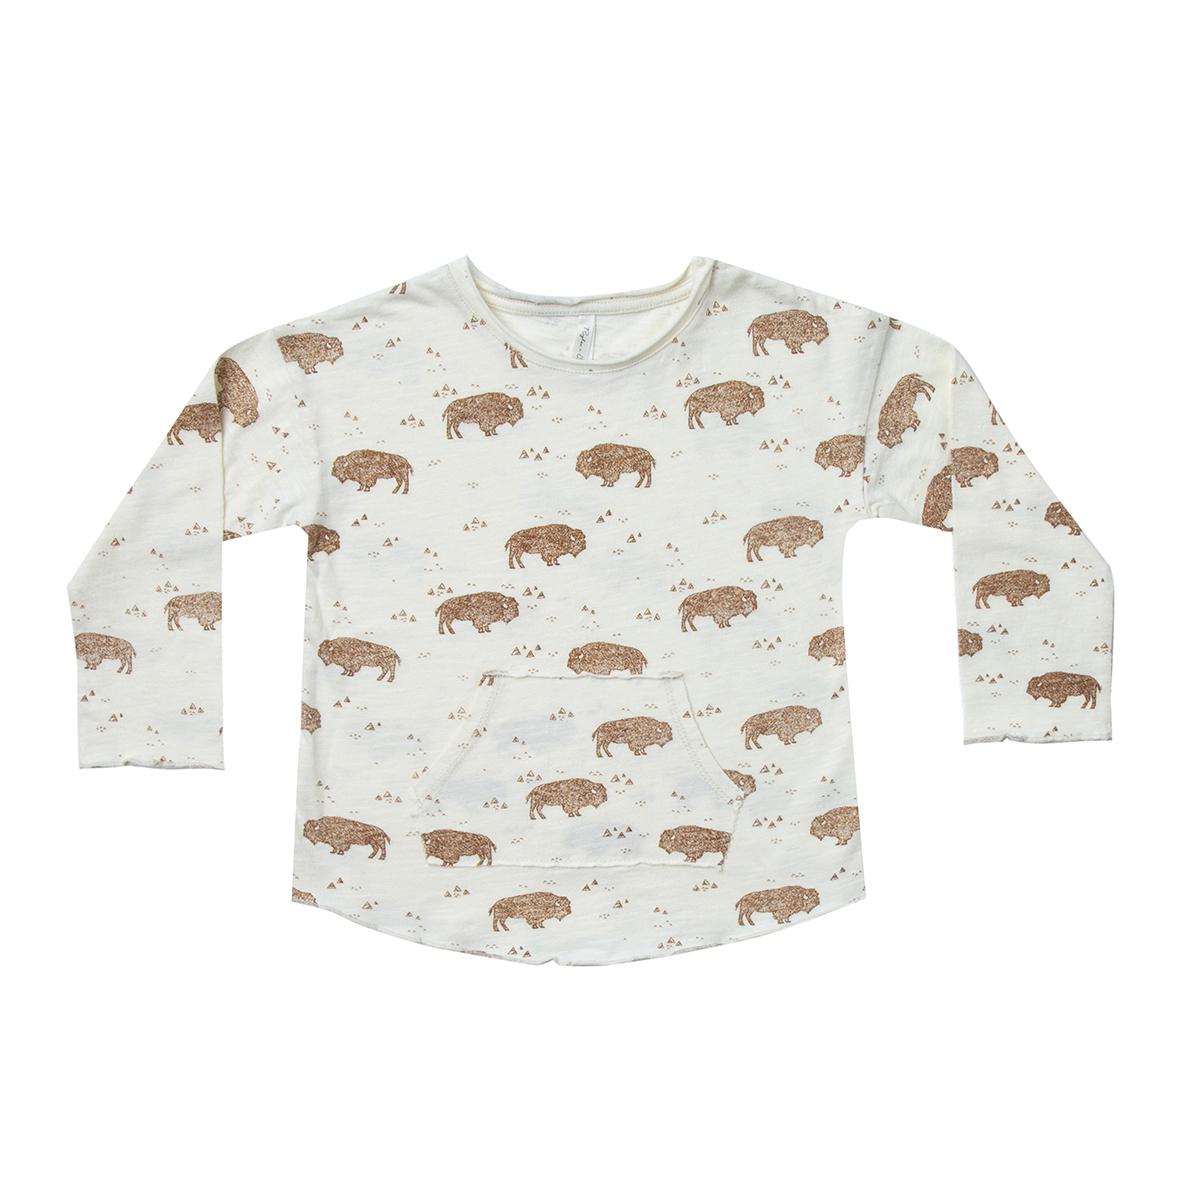 Hauts bébé T-shirt Buffalo Ivoire - 2/3 Ans T-shirt Buffalo Ivoire - 2/3 Ans